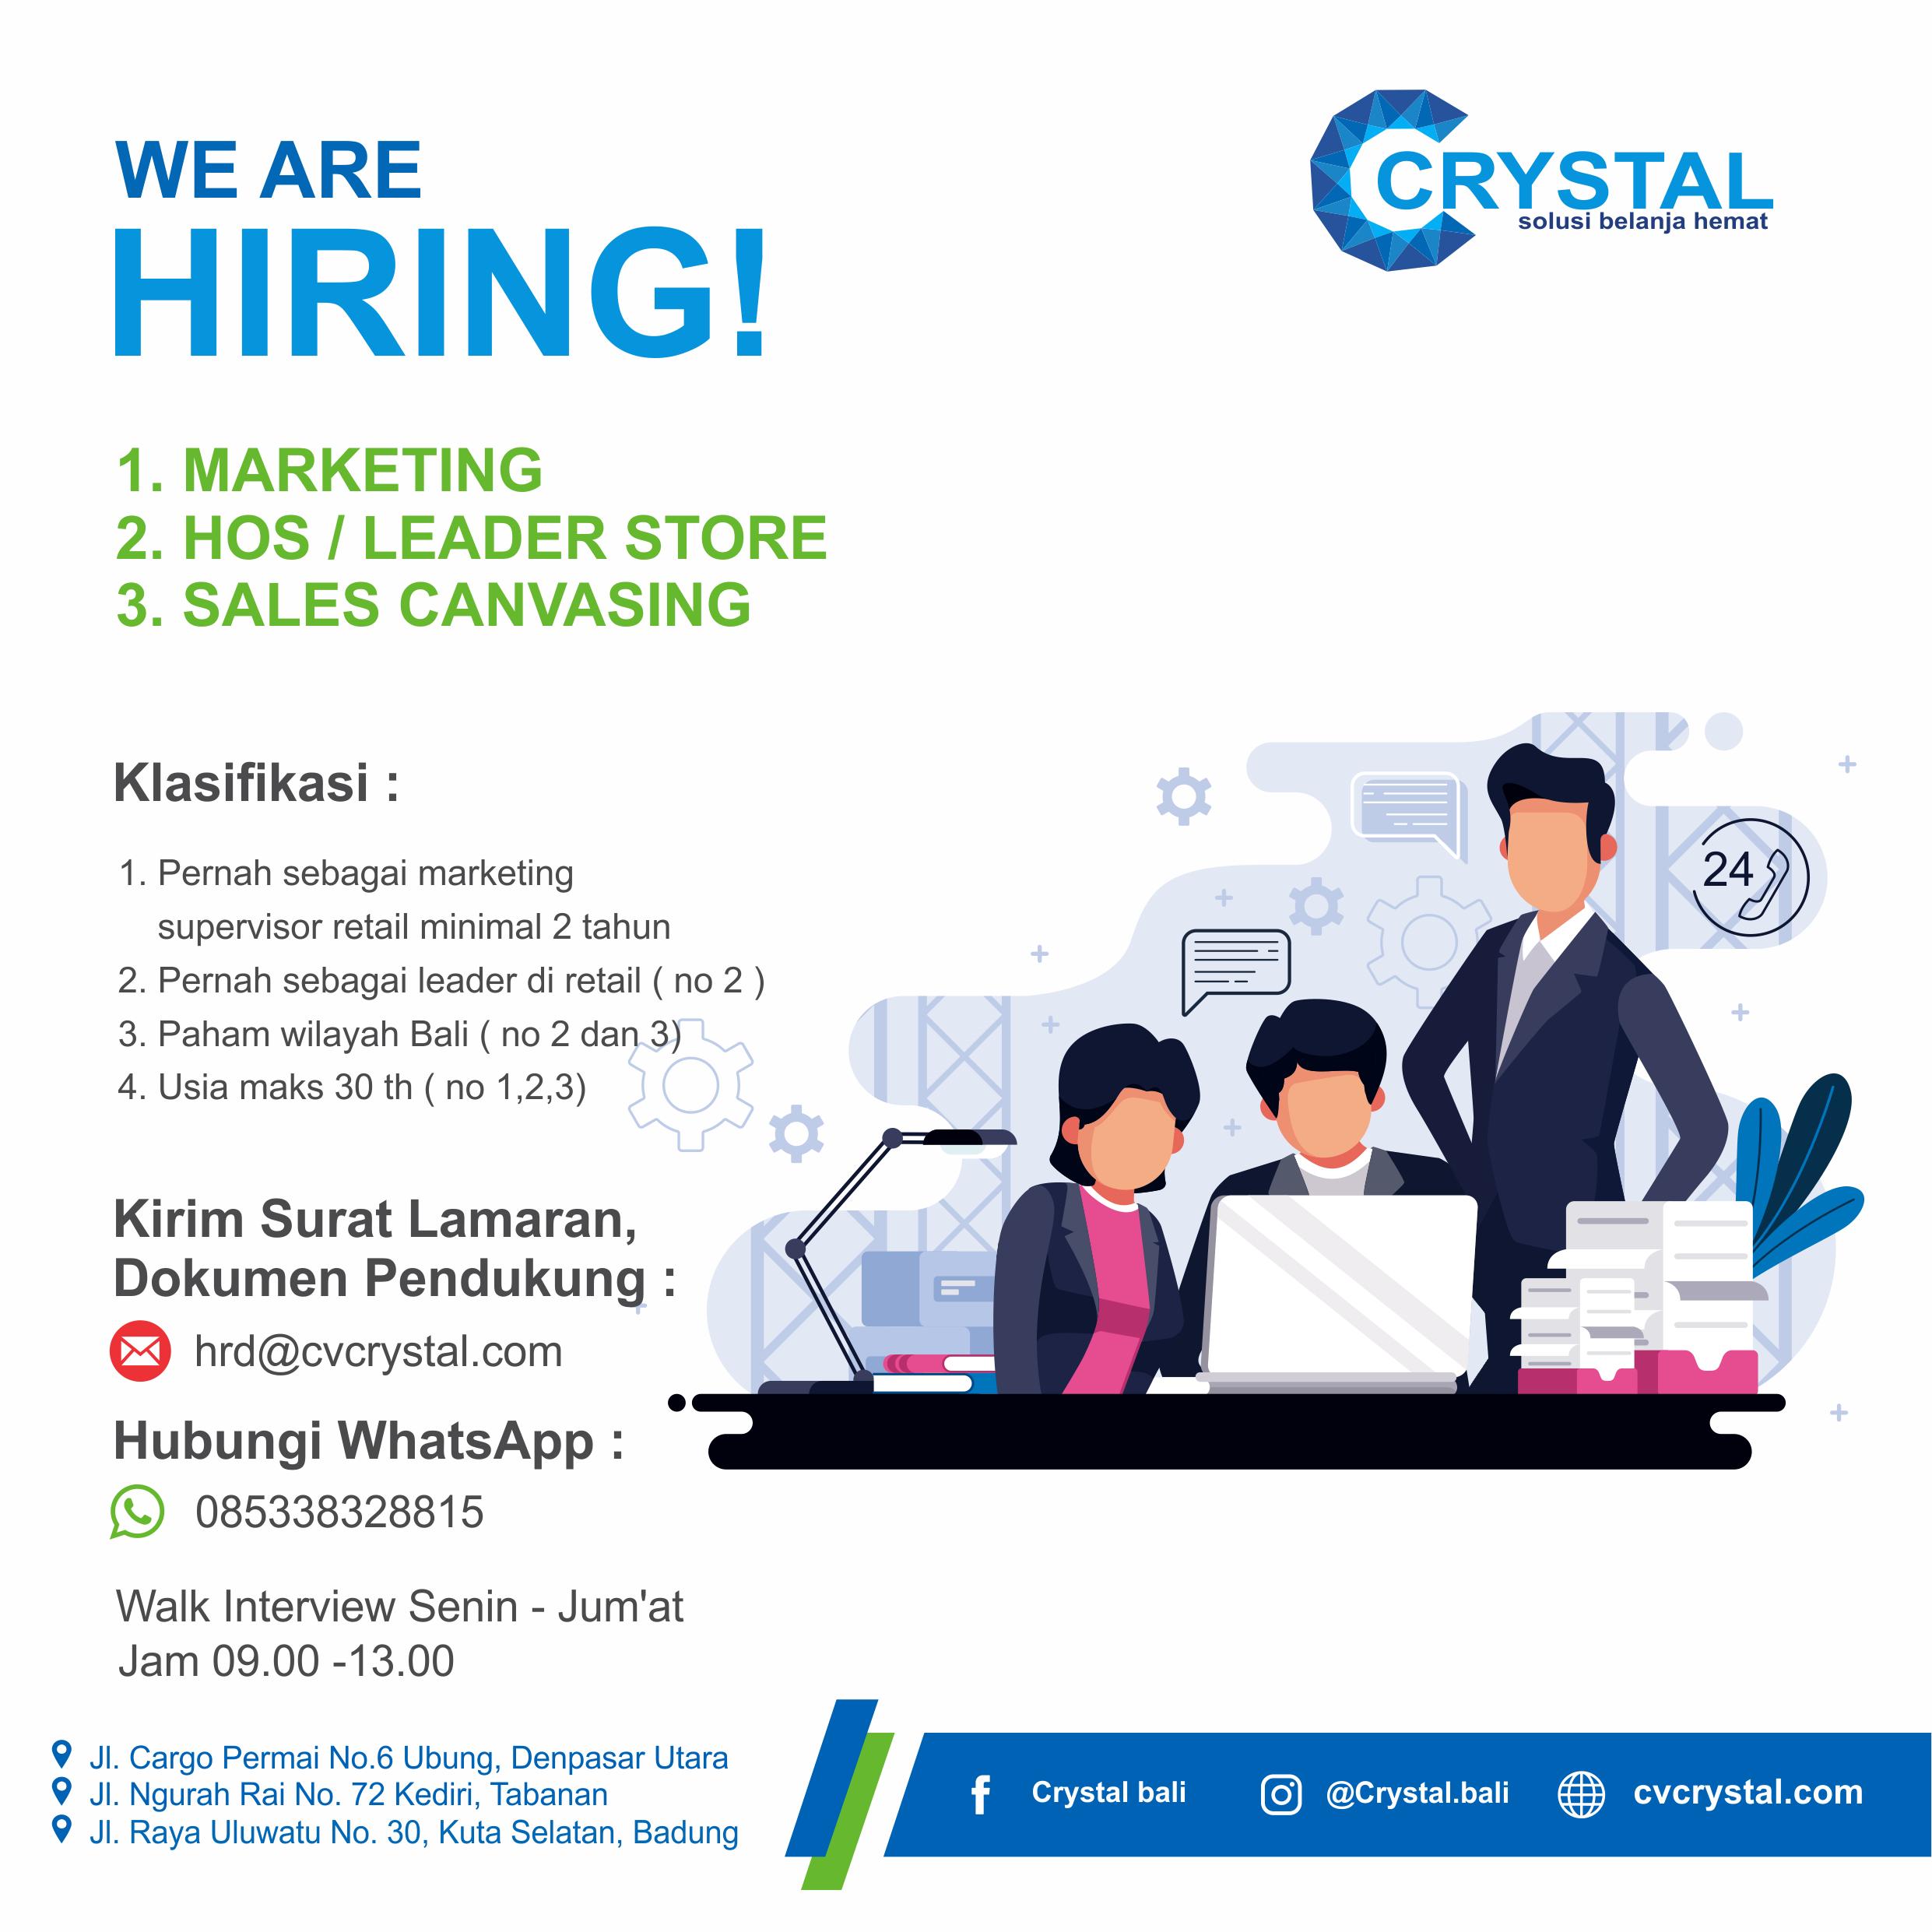 Cv Crystal Pusat Sembako Murah Bali